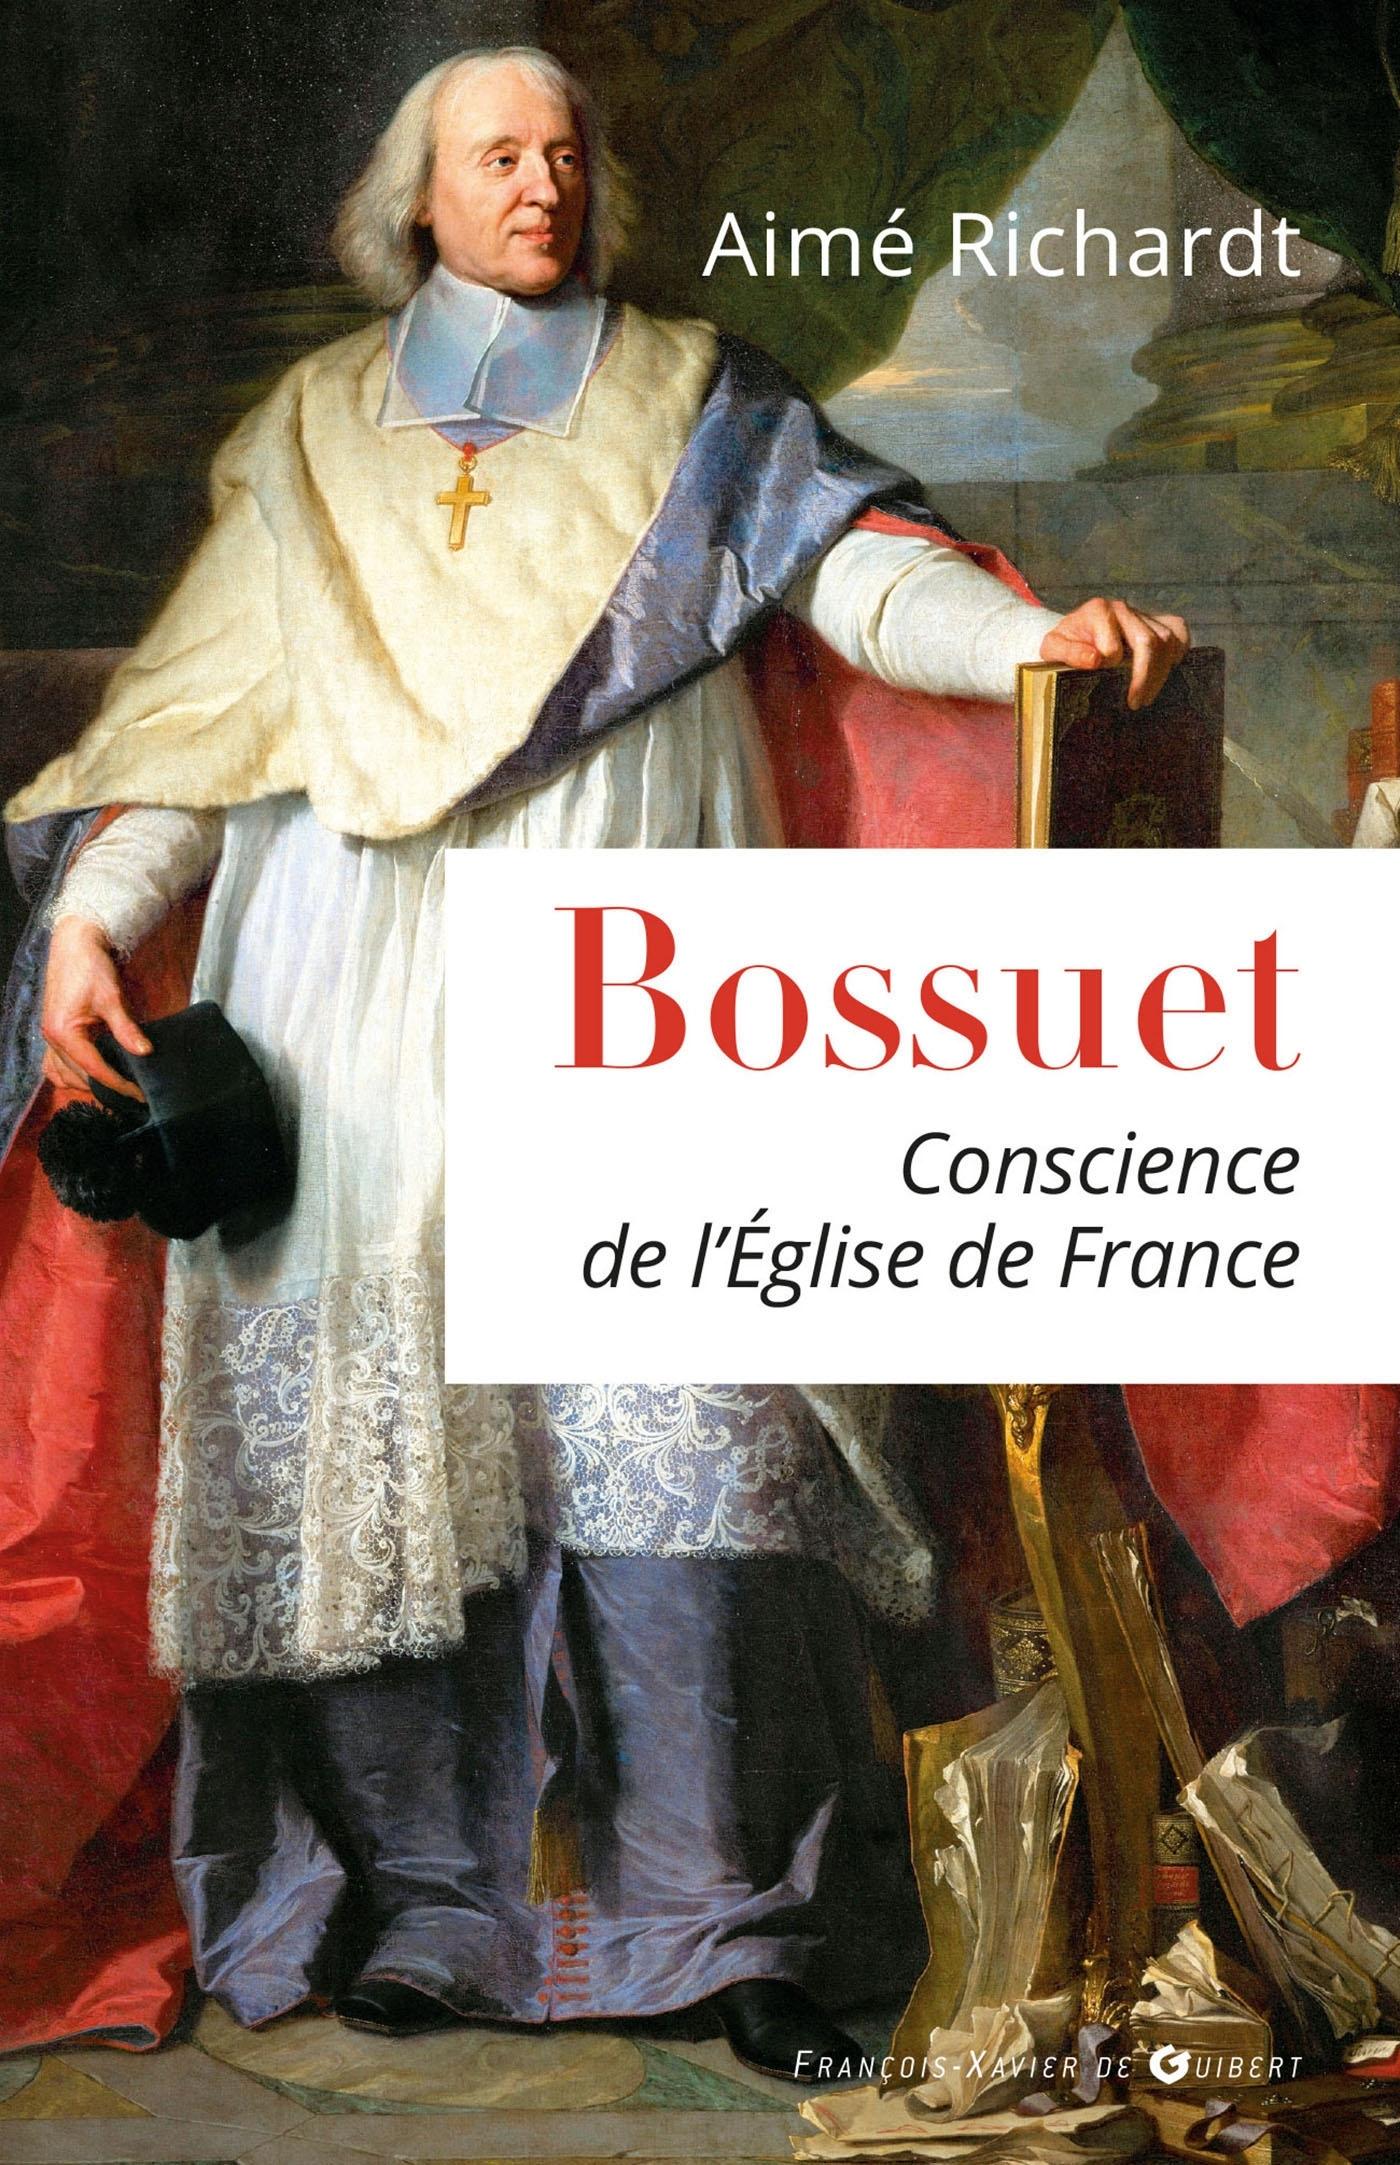 BOSSUET - CONSCIENCE DE L'EGLISE DE FRANCE